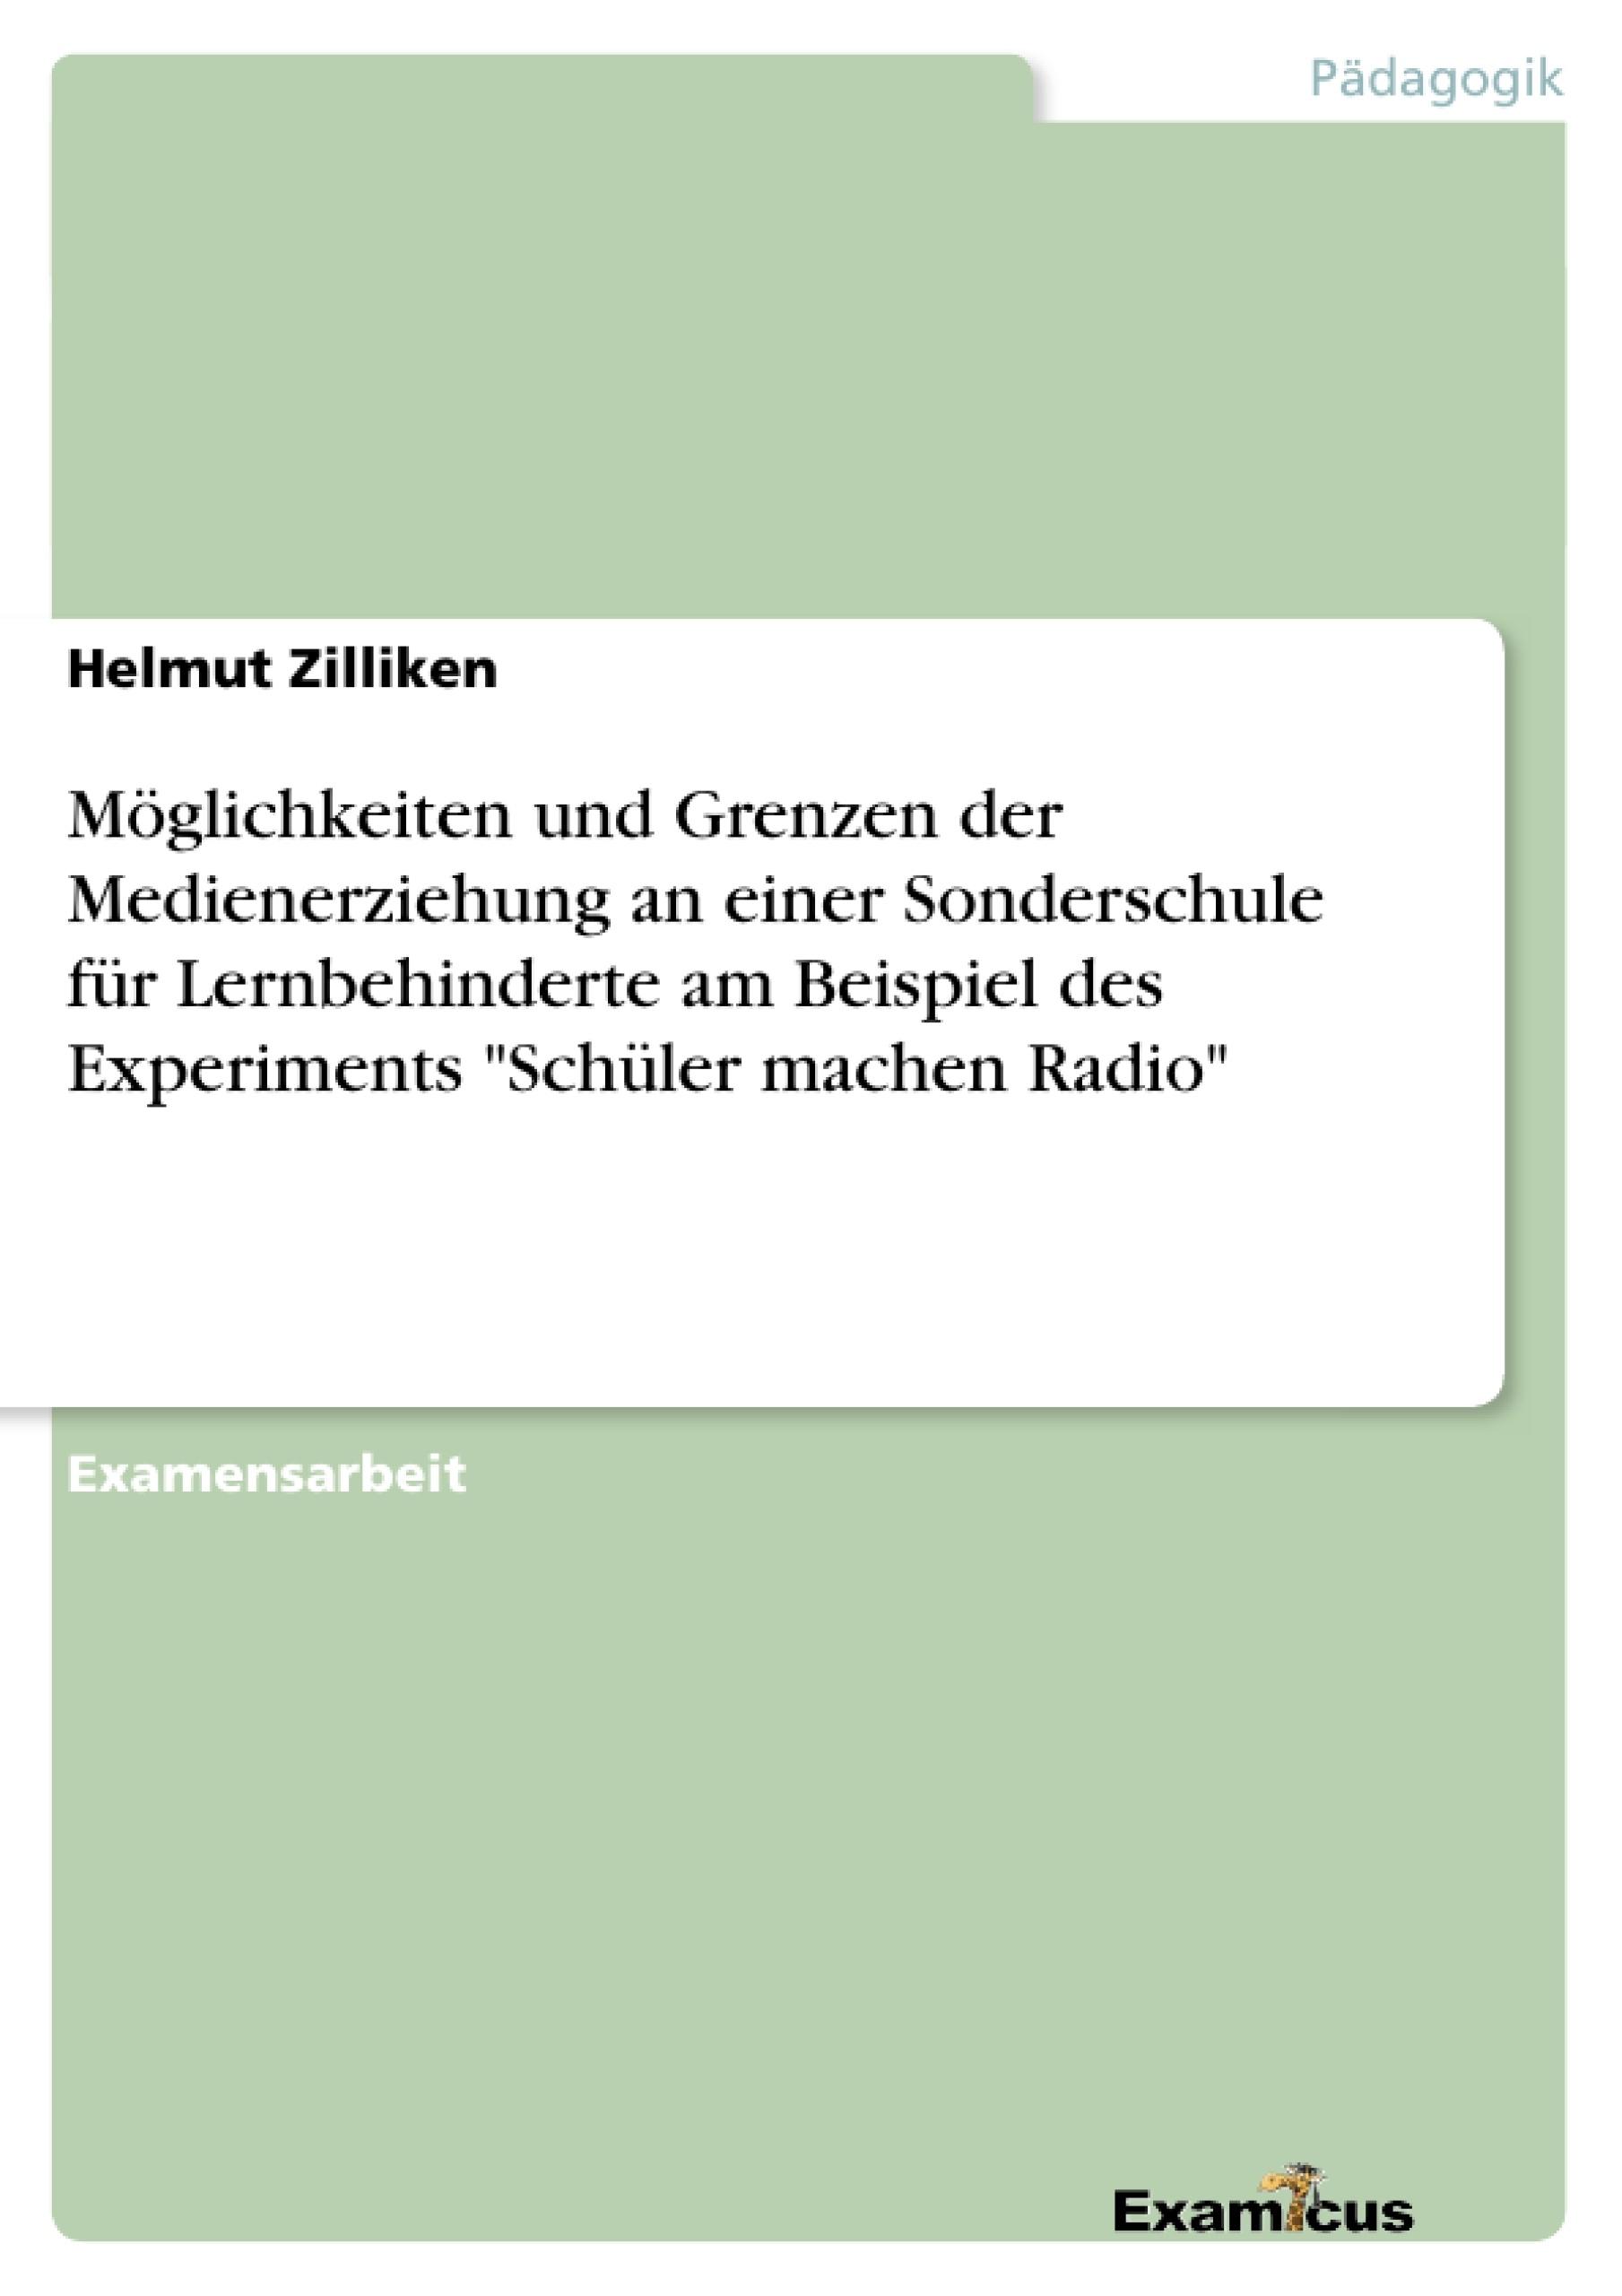 """Titel: Möglichkeiten und Grenzen der Medienerziehung an einer Sonderschule für Lernbehinderte am Beispiel des Experiments """"Schüler machen Radio"""""""